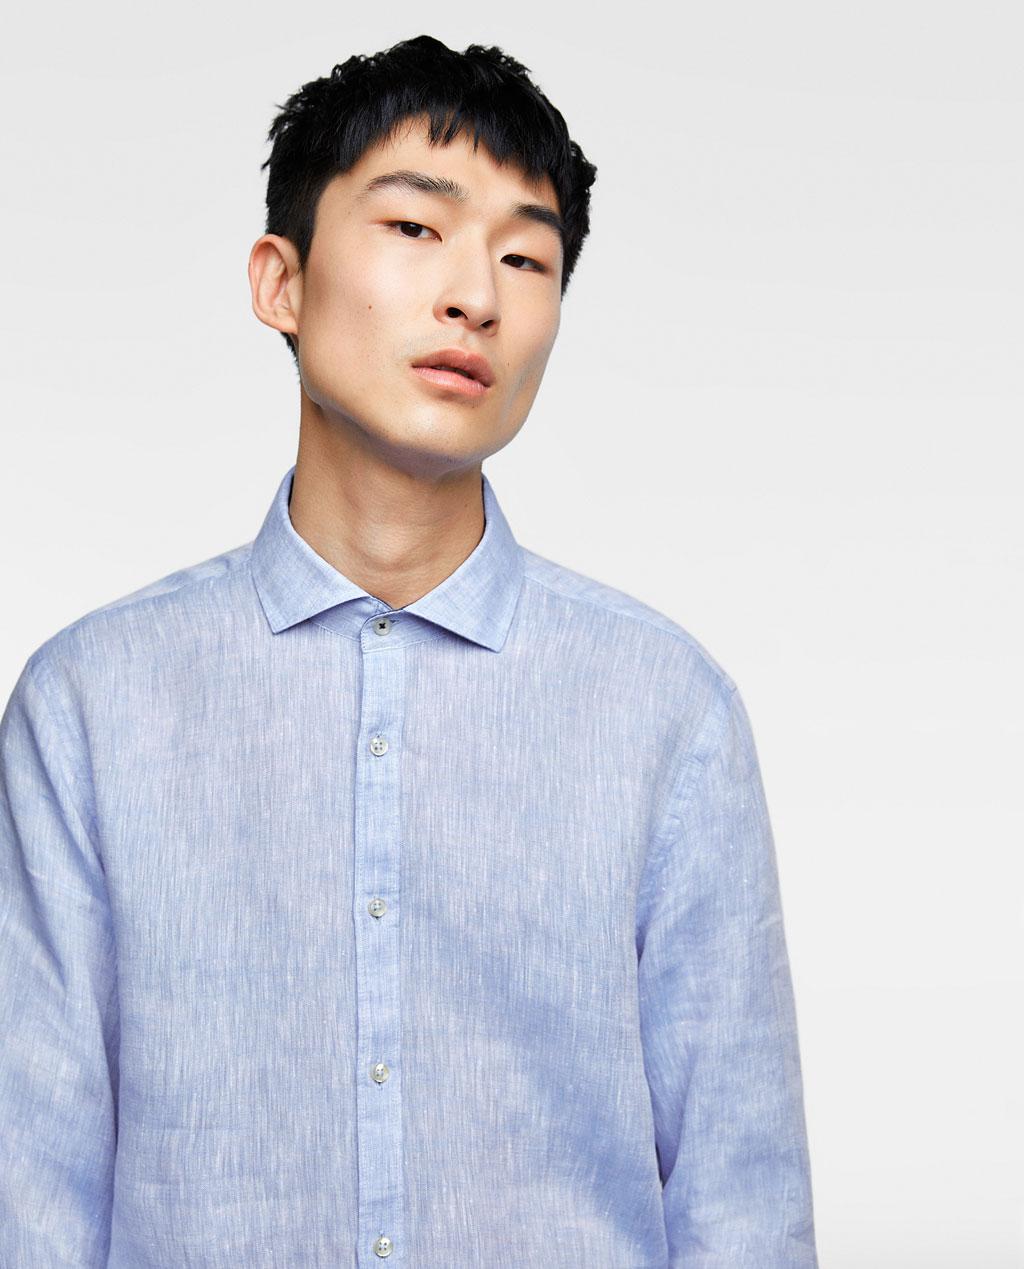 Thời trang nam Zara  23944 - ảnh 7